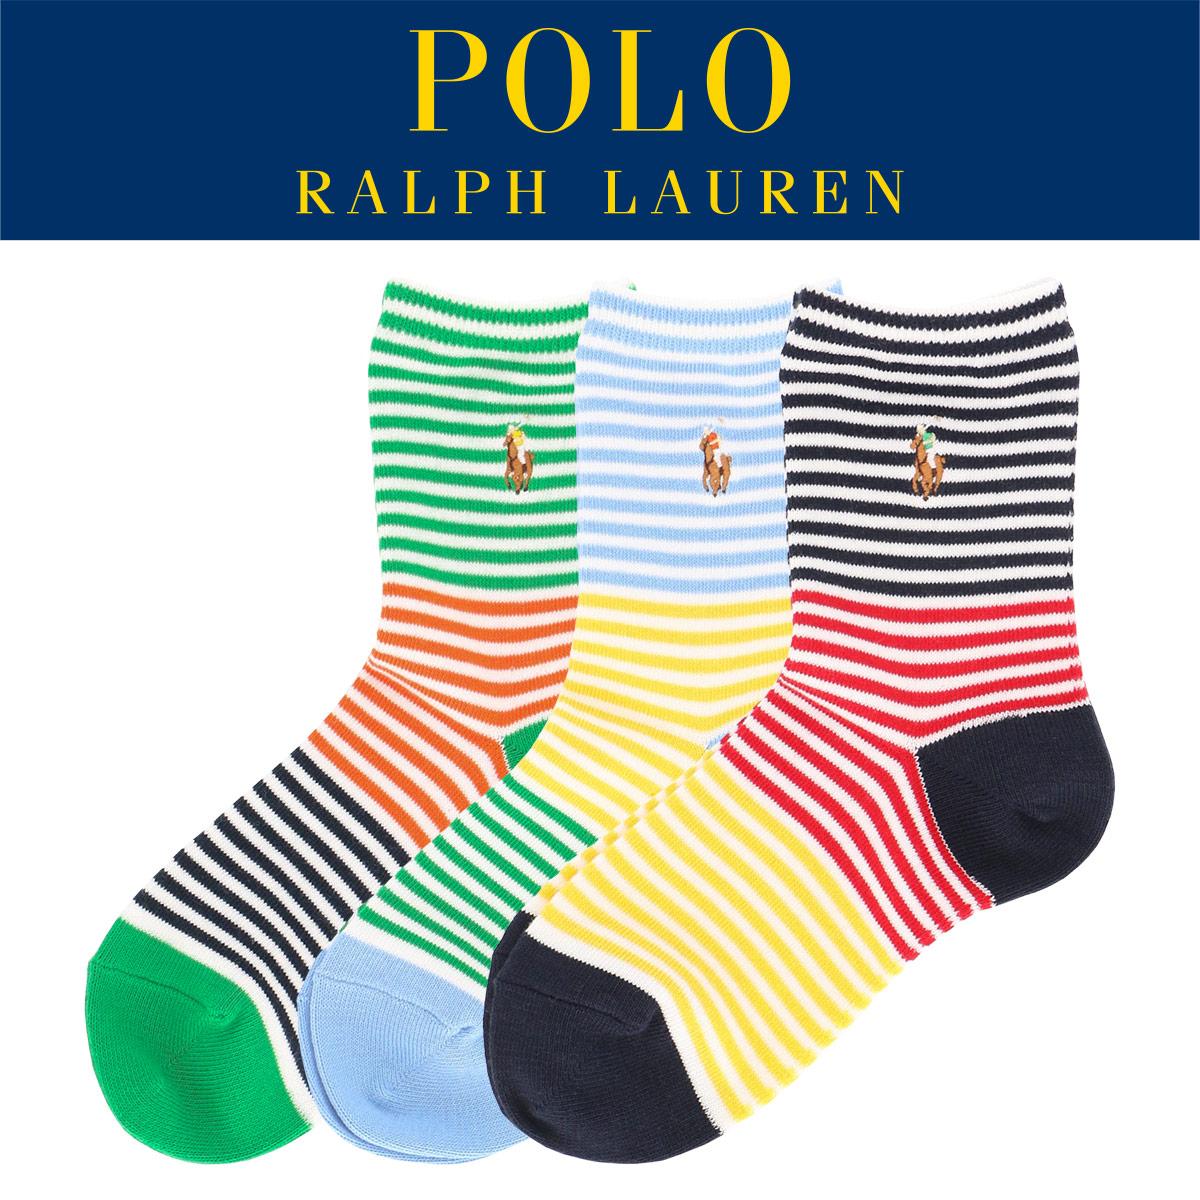 POLO RALPH LAUREN ポロ ラルフローレン|キッズ ジュニア 子供 ボーイズ 男の子 靴下|ワンポイント刺繍|マルチベンガルストライプ|クルーソックス|4863-512【ゆうパケット・4点まで】